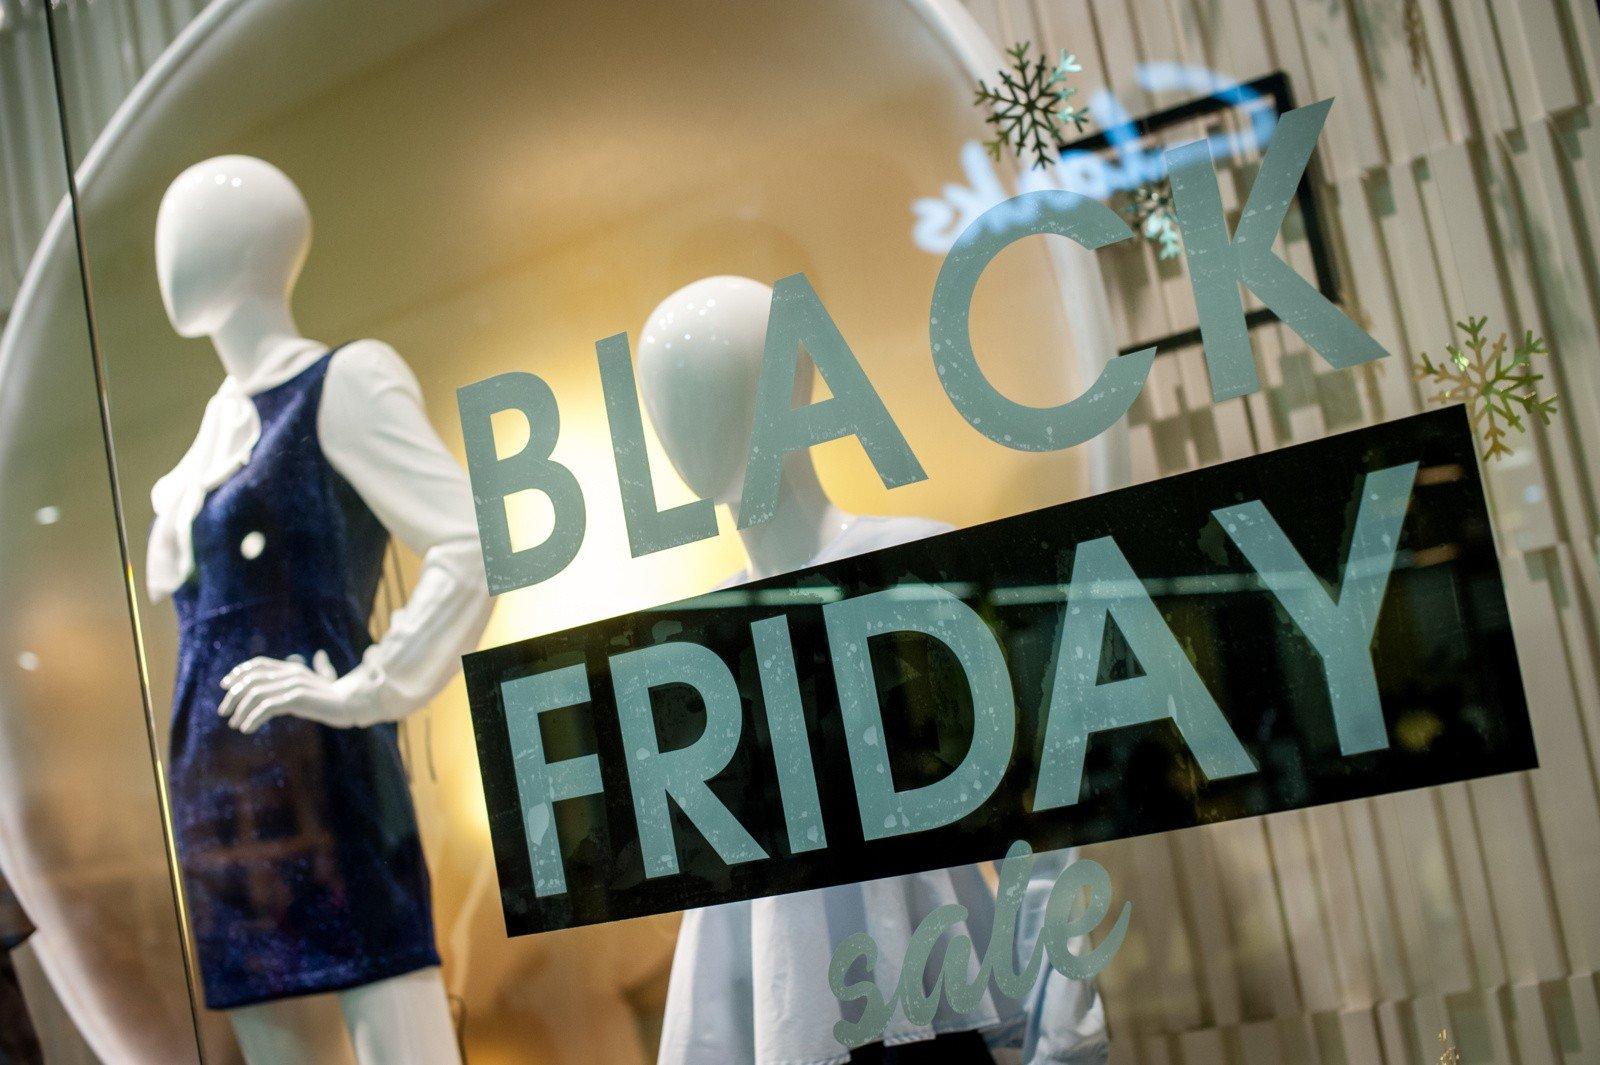 486925e8916545 BLACK FRIDAY już 24 listopada! Tego dnia sklepy oferują wielkie promocje na  zakupy. BLACK